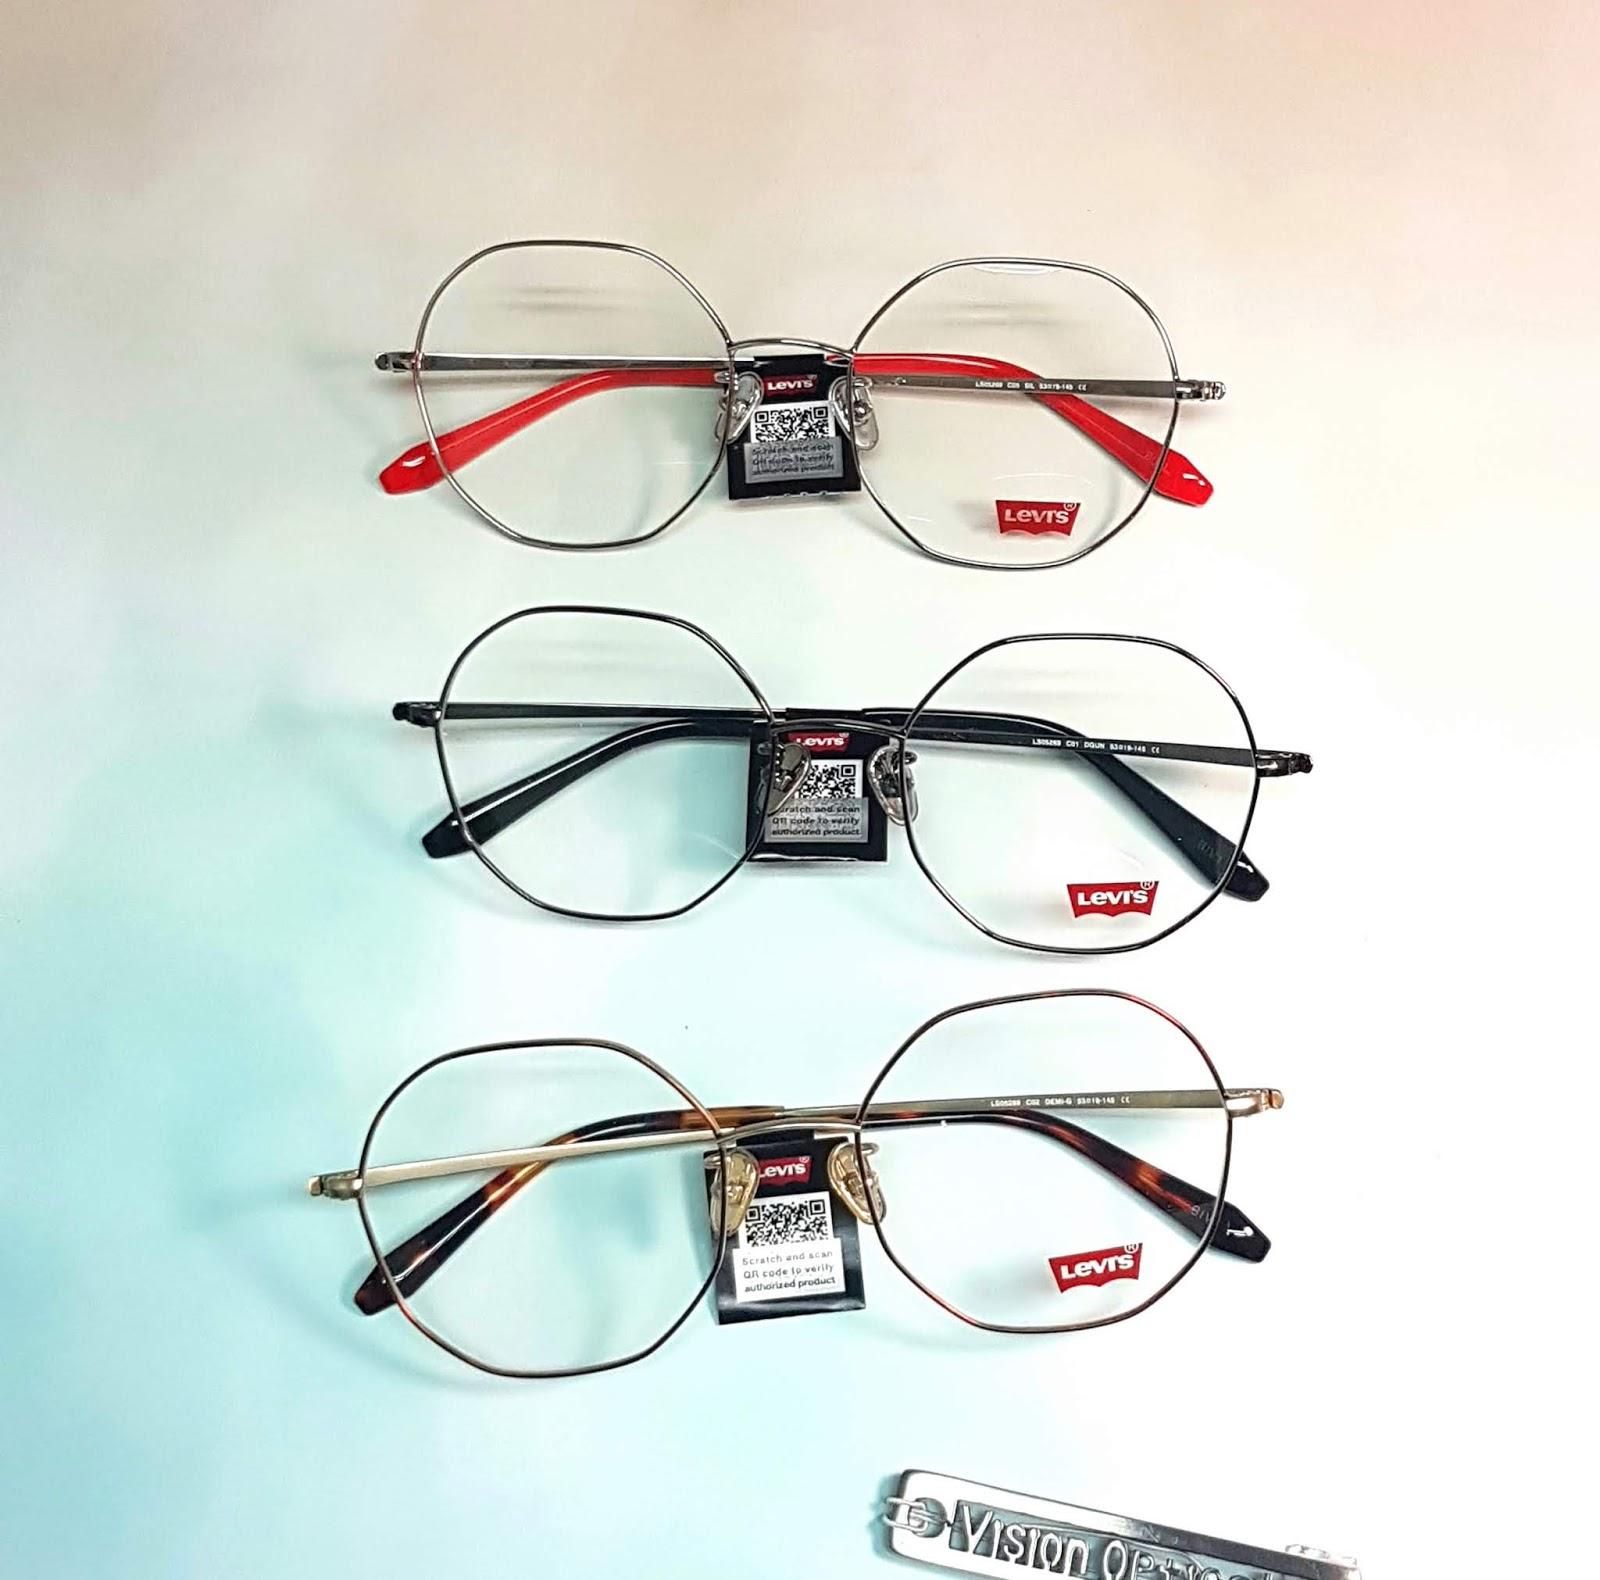 精明眼鏡公司: LEVIS eyewear 2019 眼鏡經典的鏡款